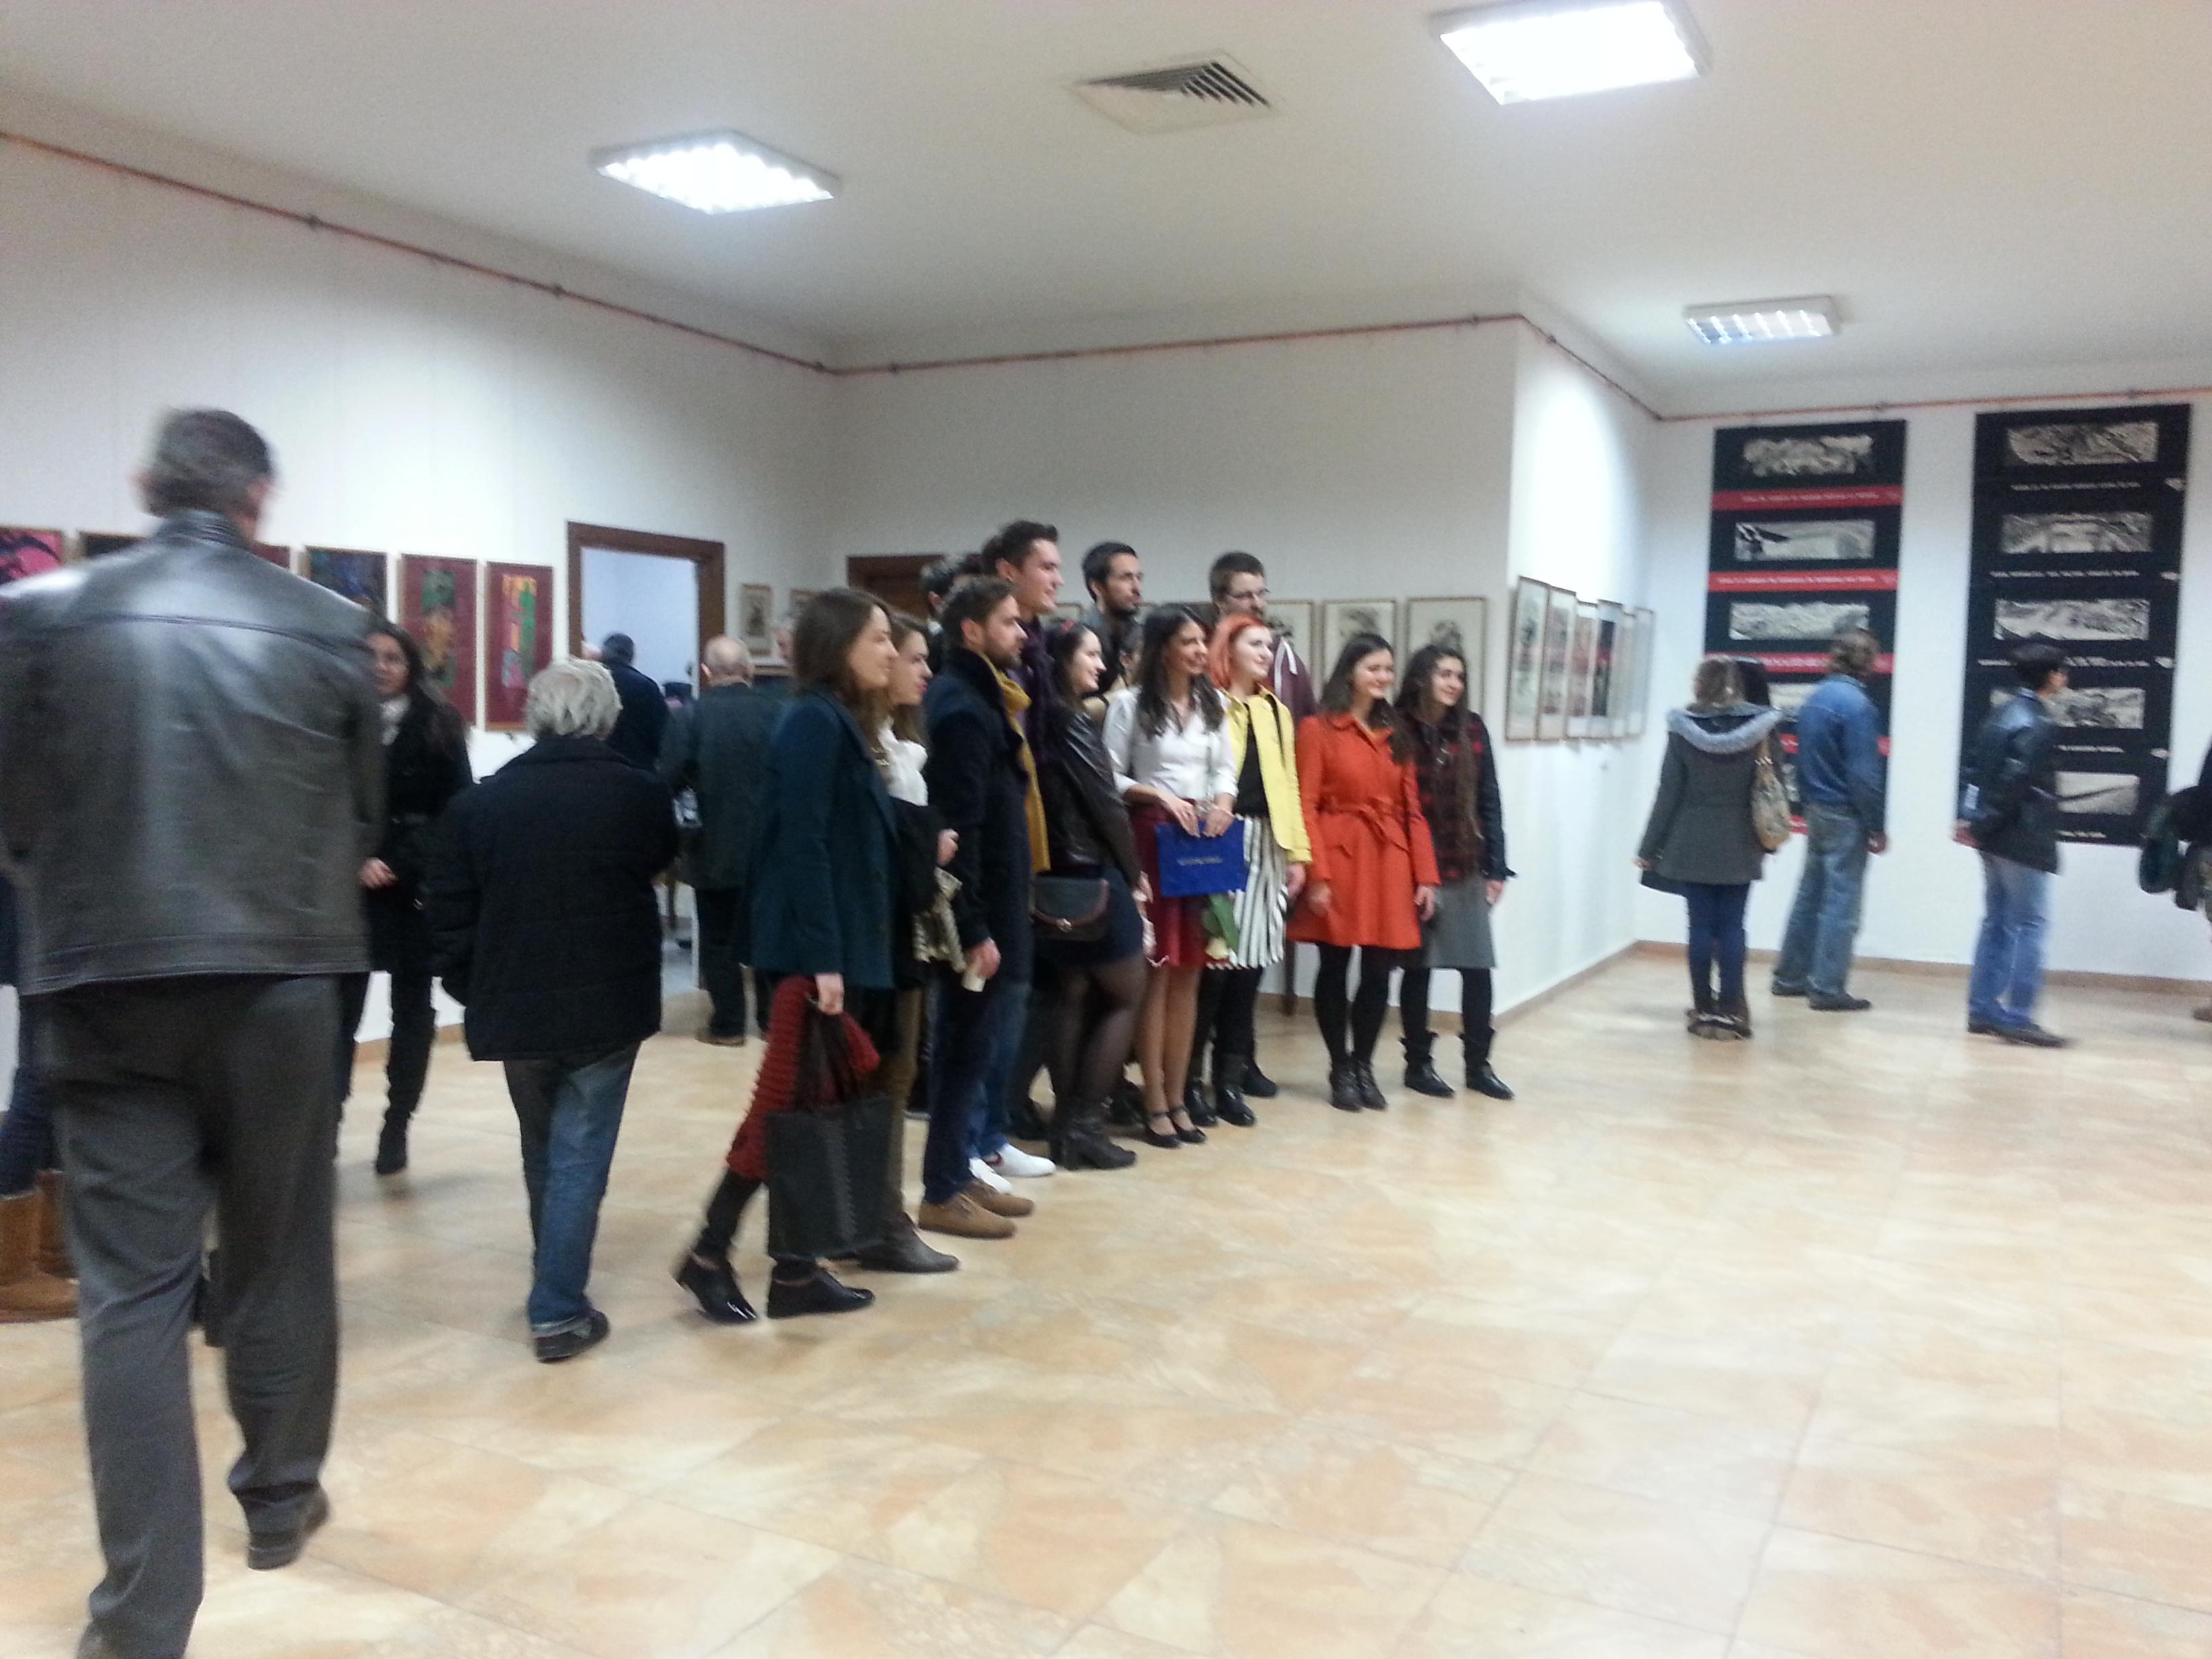 Basmul românesc în galeriile germane